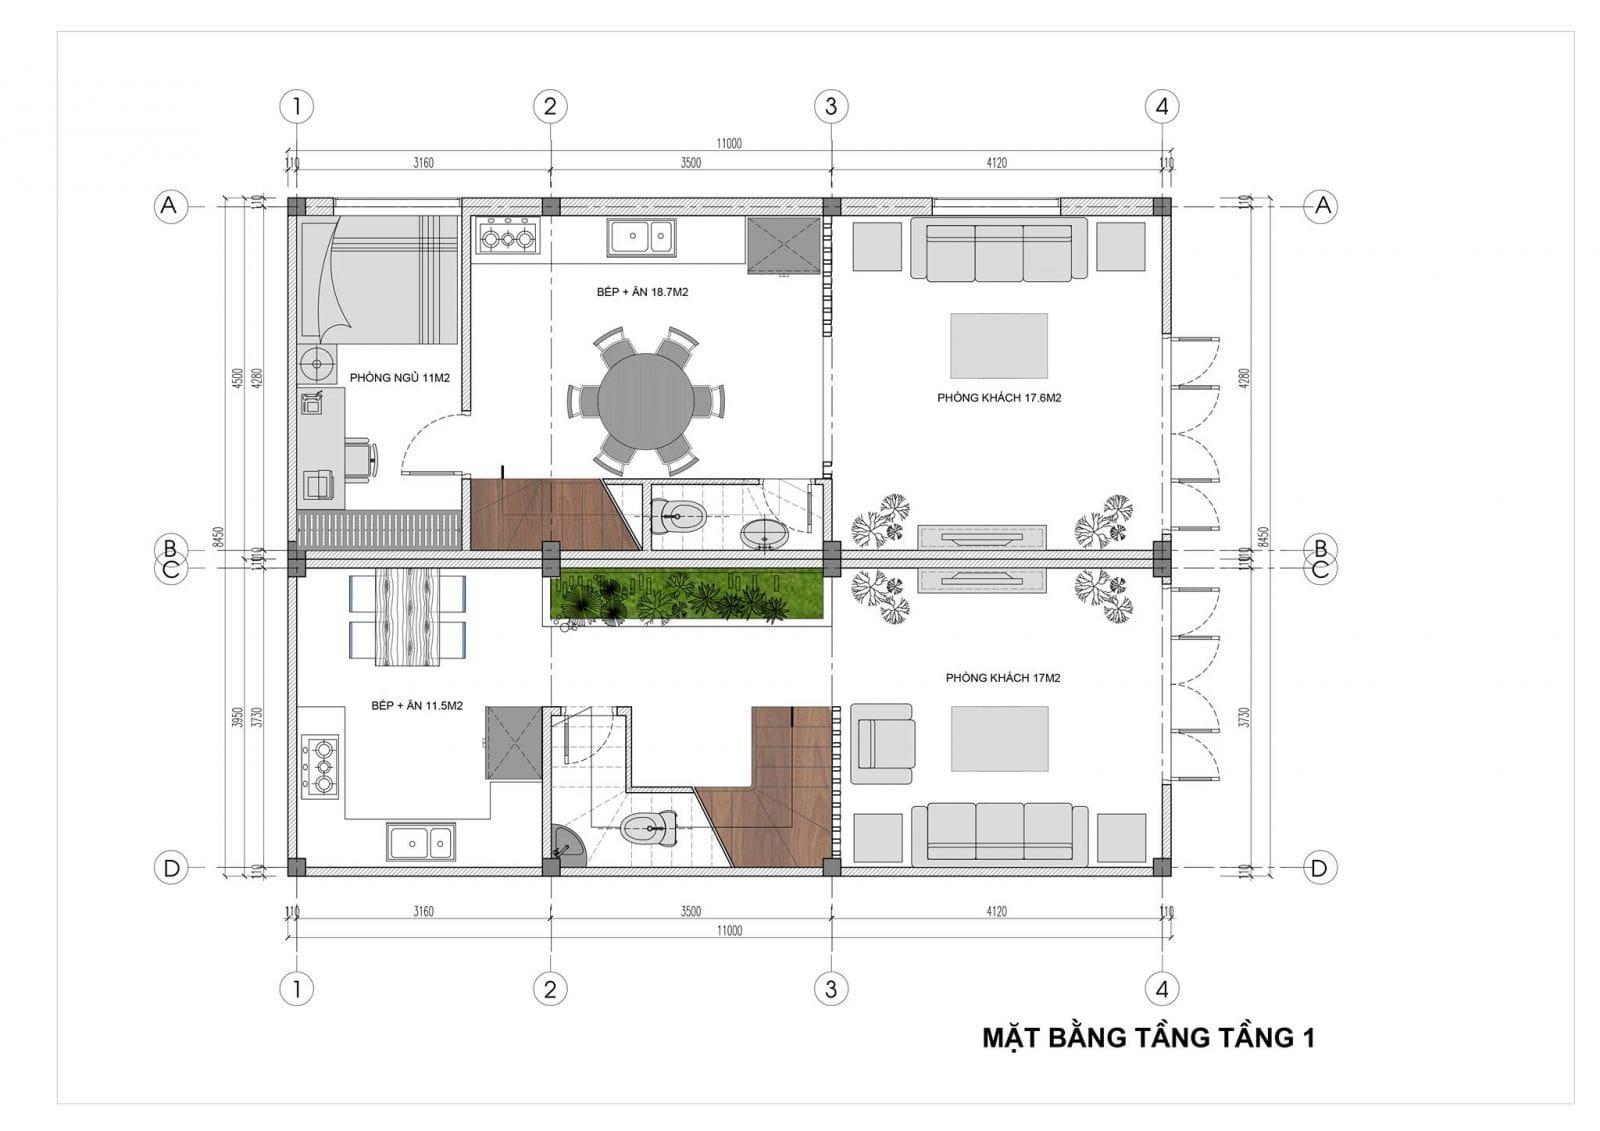 Mẫu biệt thự song lập 2 tầng 1 tum - Mặt bằng tầng 1